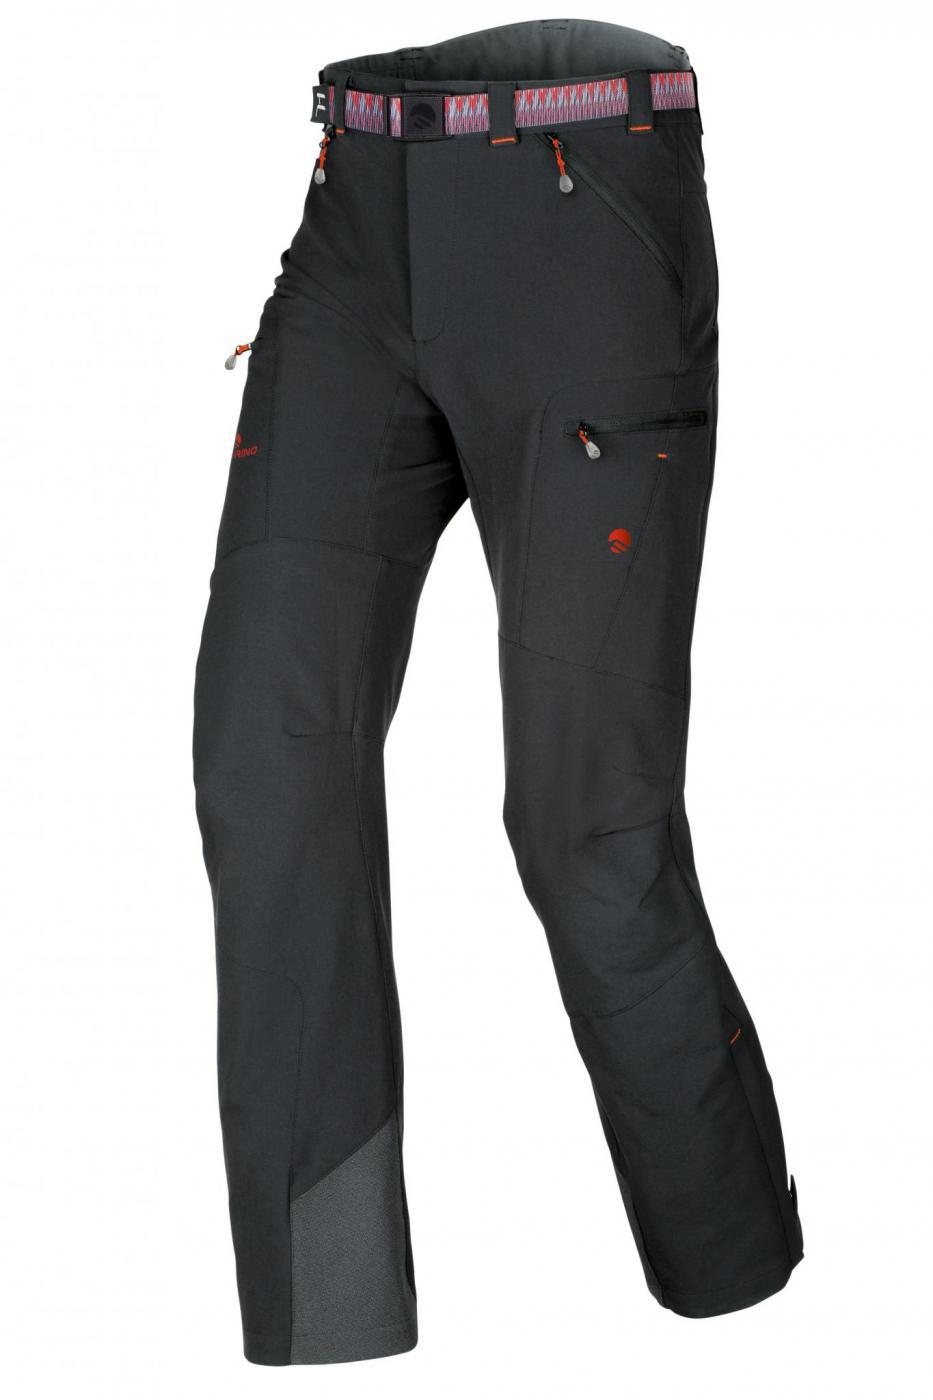 Pánské kalhoty Pehoe Pants Man cd0cd81f65